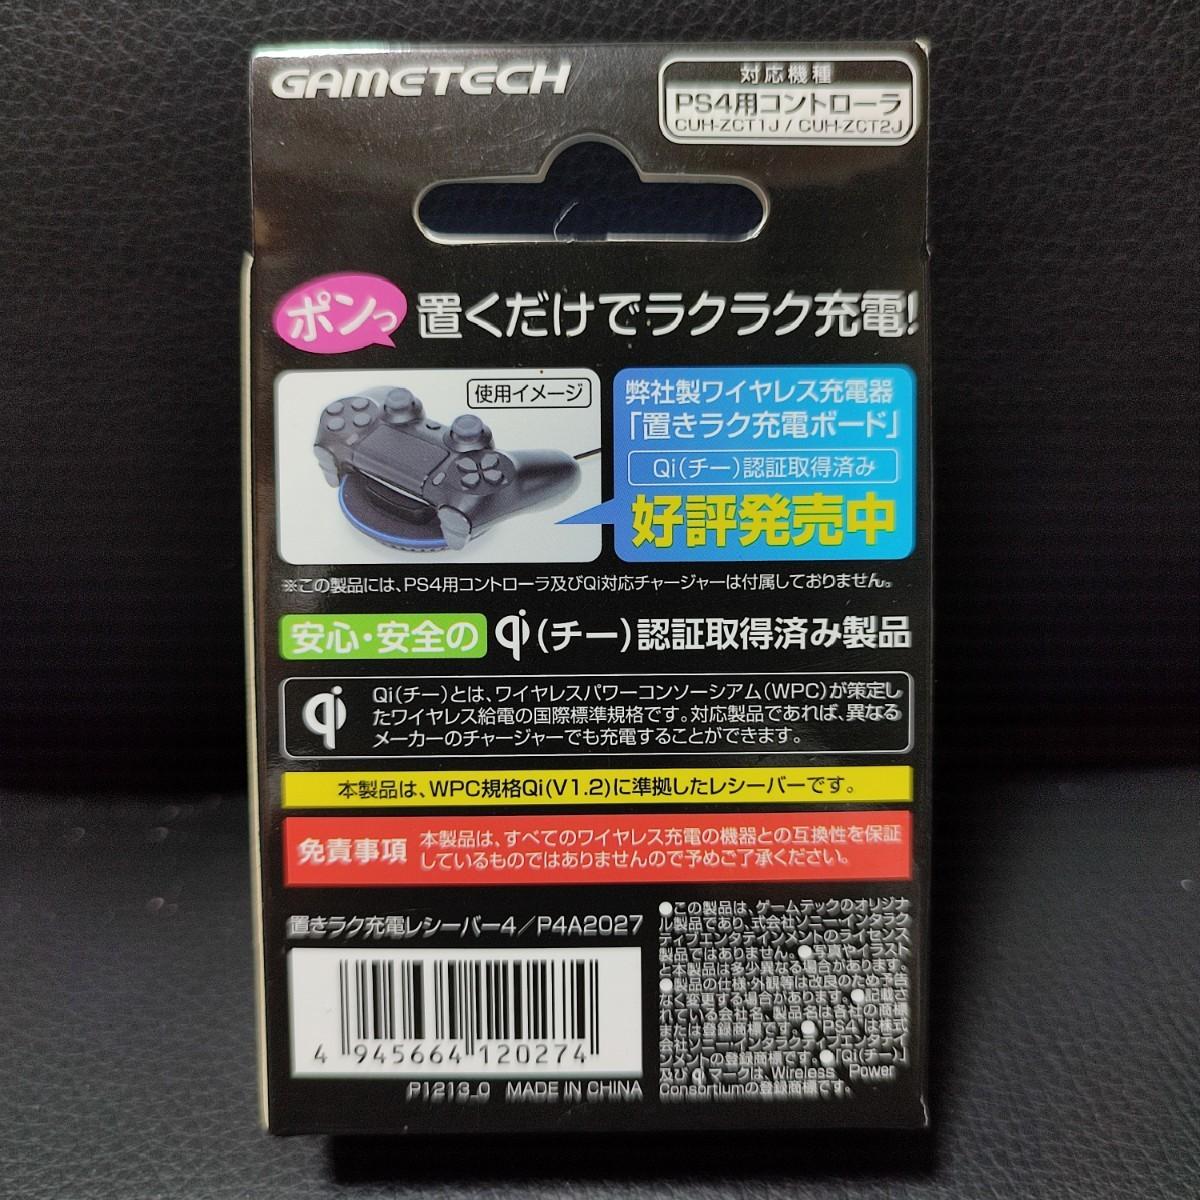 プレイステーション 4 ゲームテック 置きラク充電レシーバー4 P4A2027 ps4 DUALSHOCK 4